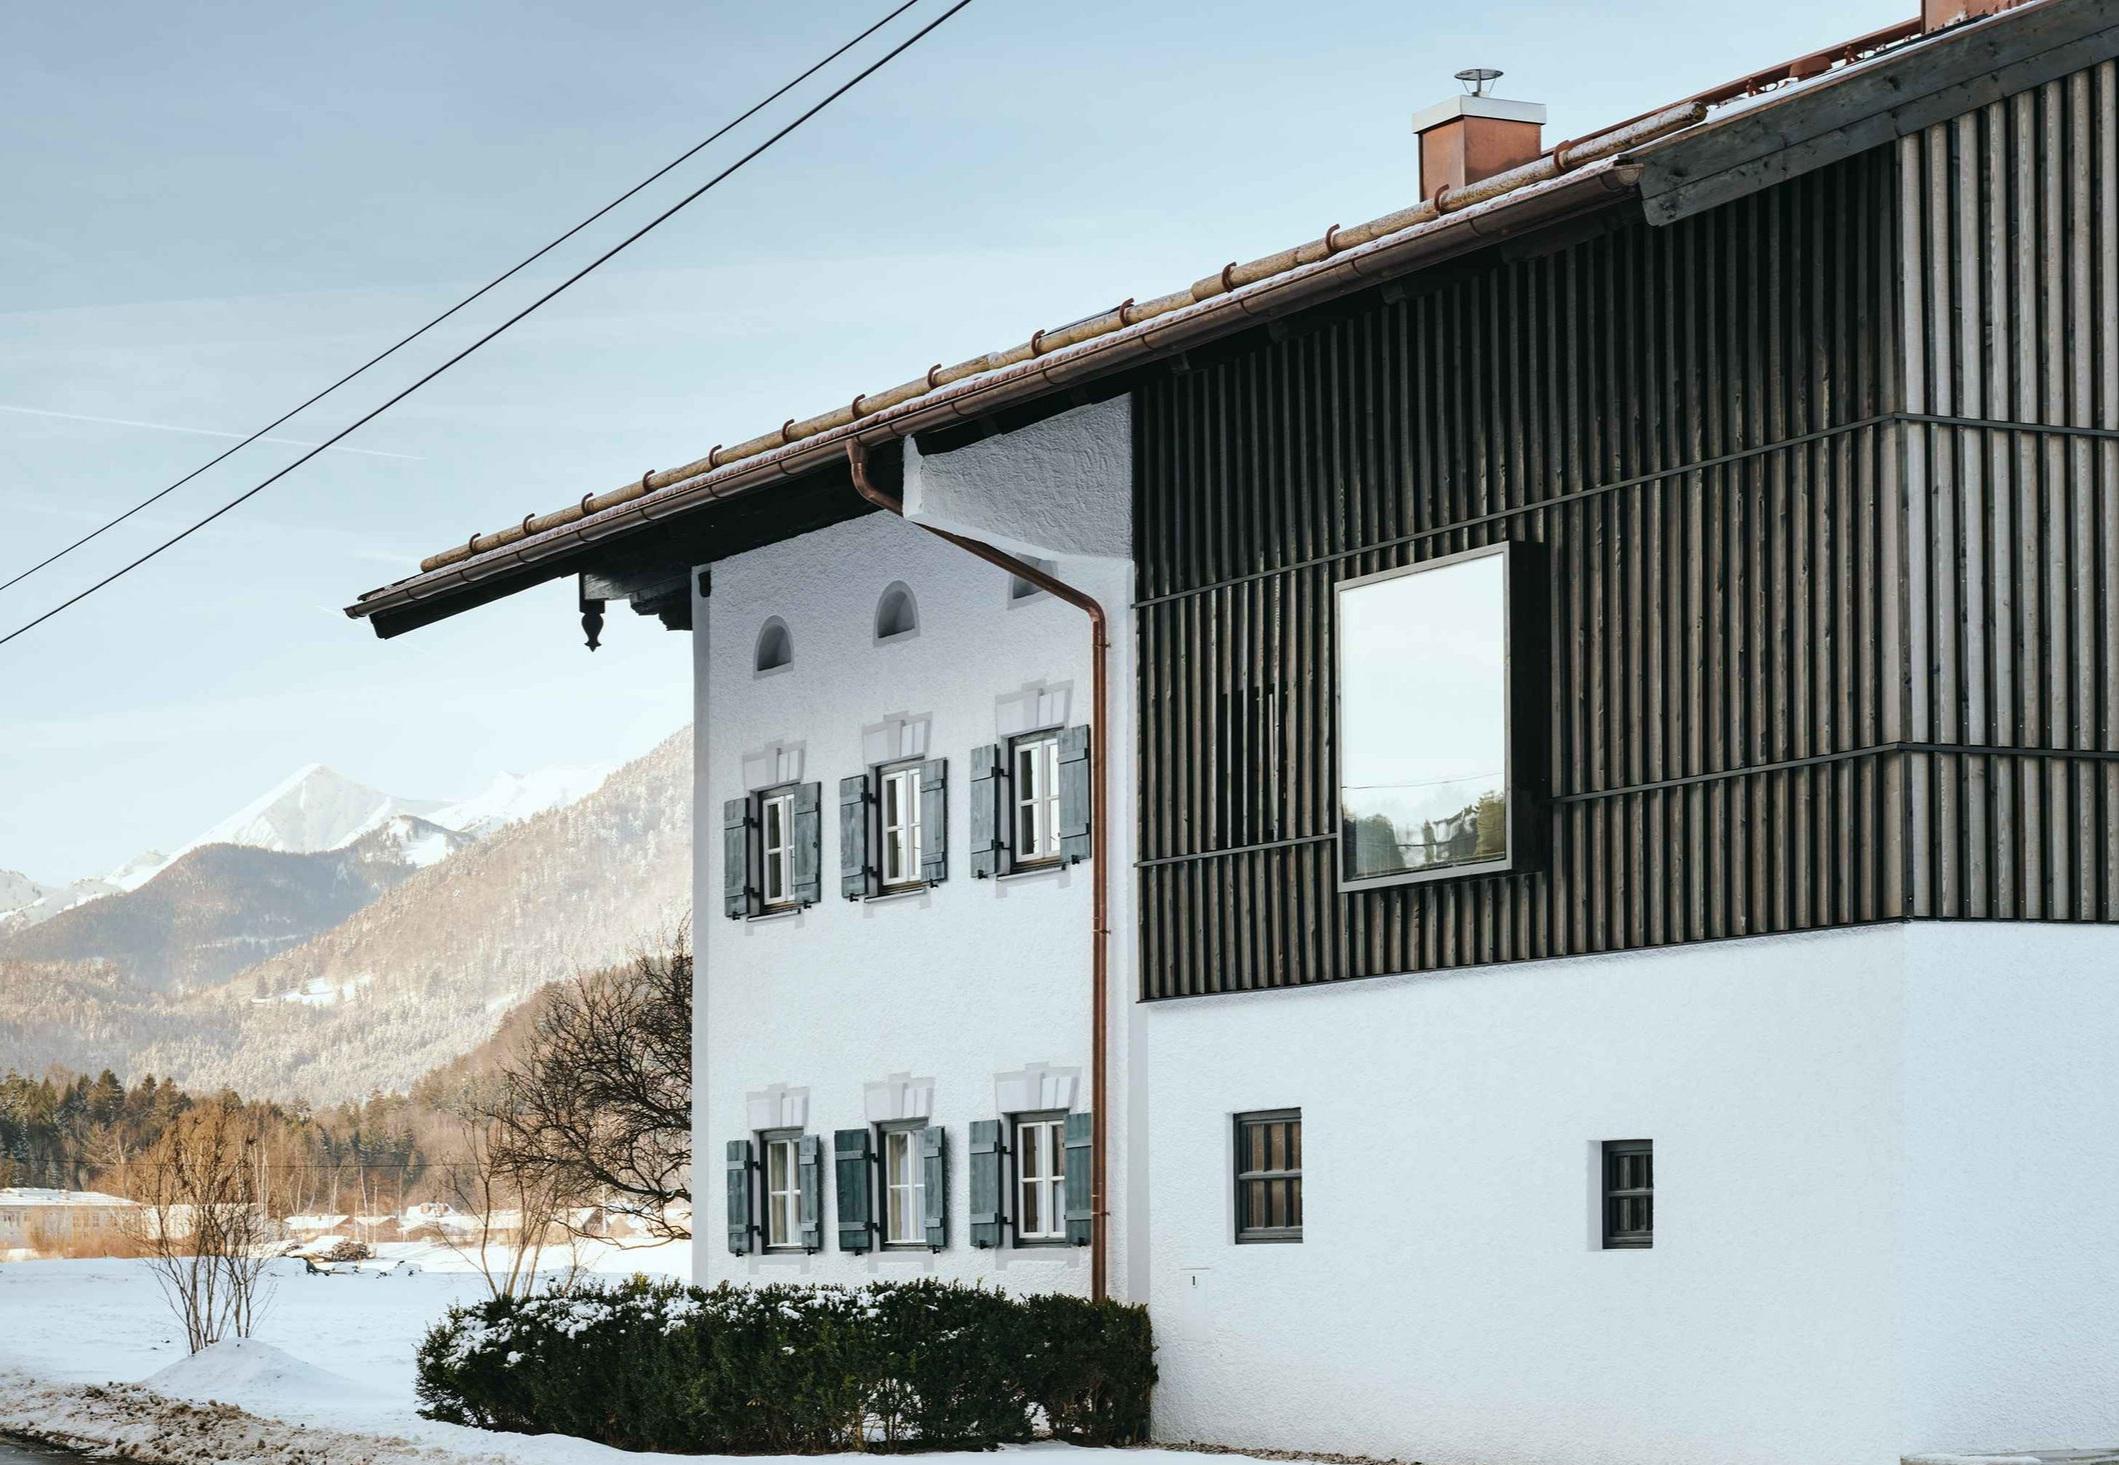 Buero Philipp Moeller-Sanierung-Bauernhaus-Bayern1.jpg